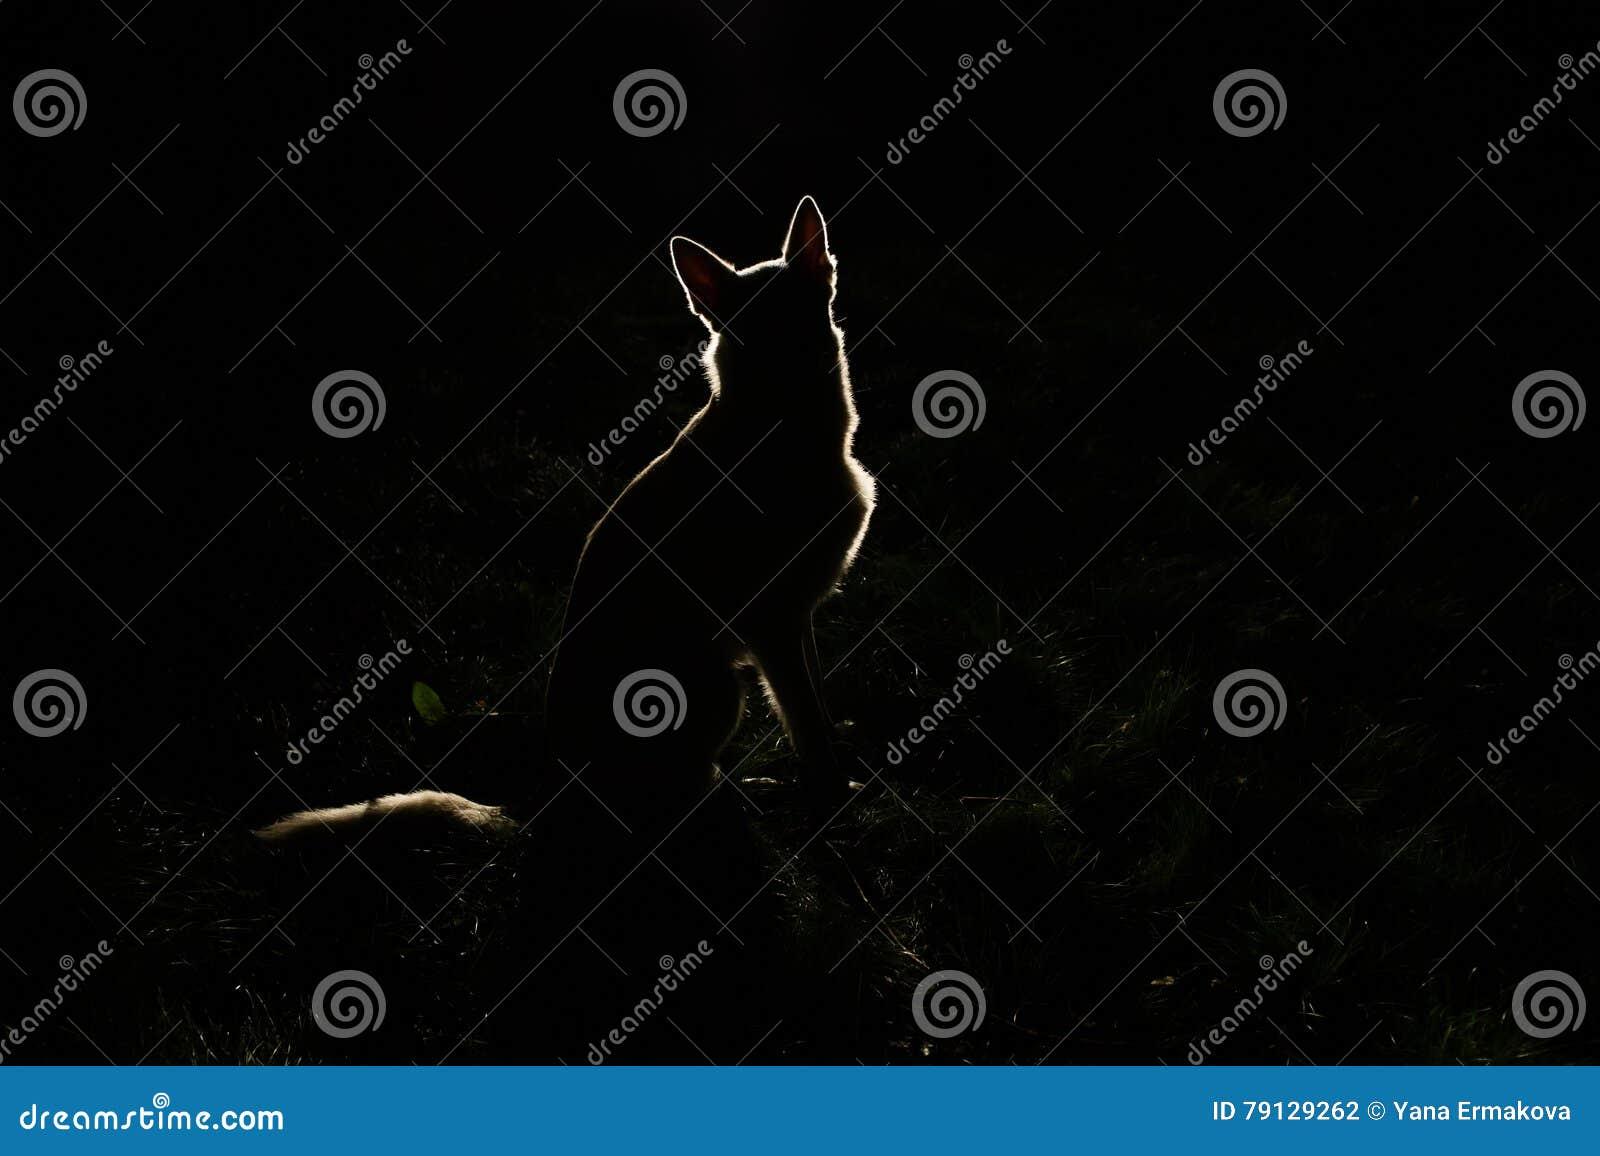 Siluetta del cane alla notte